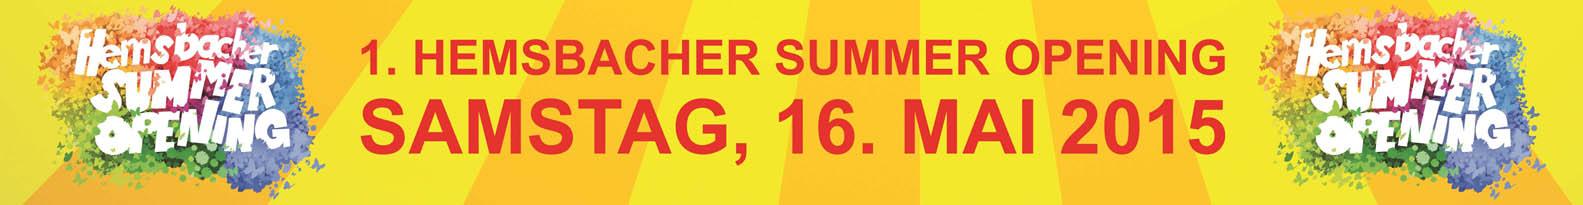 1. Hemsbacher Summer Opening - Banner